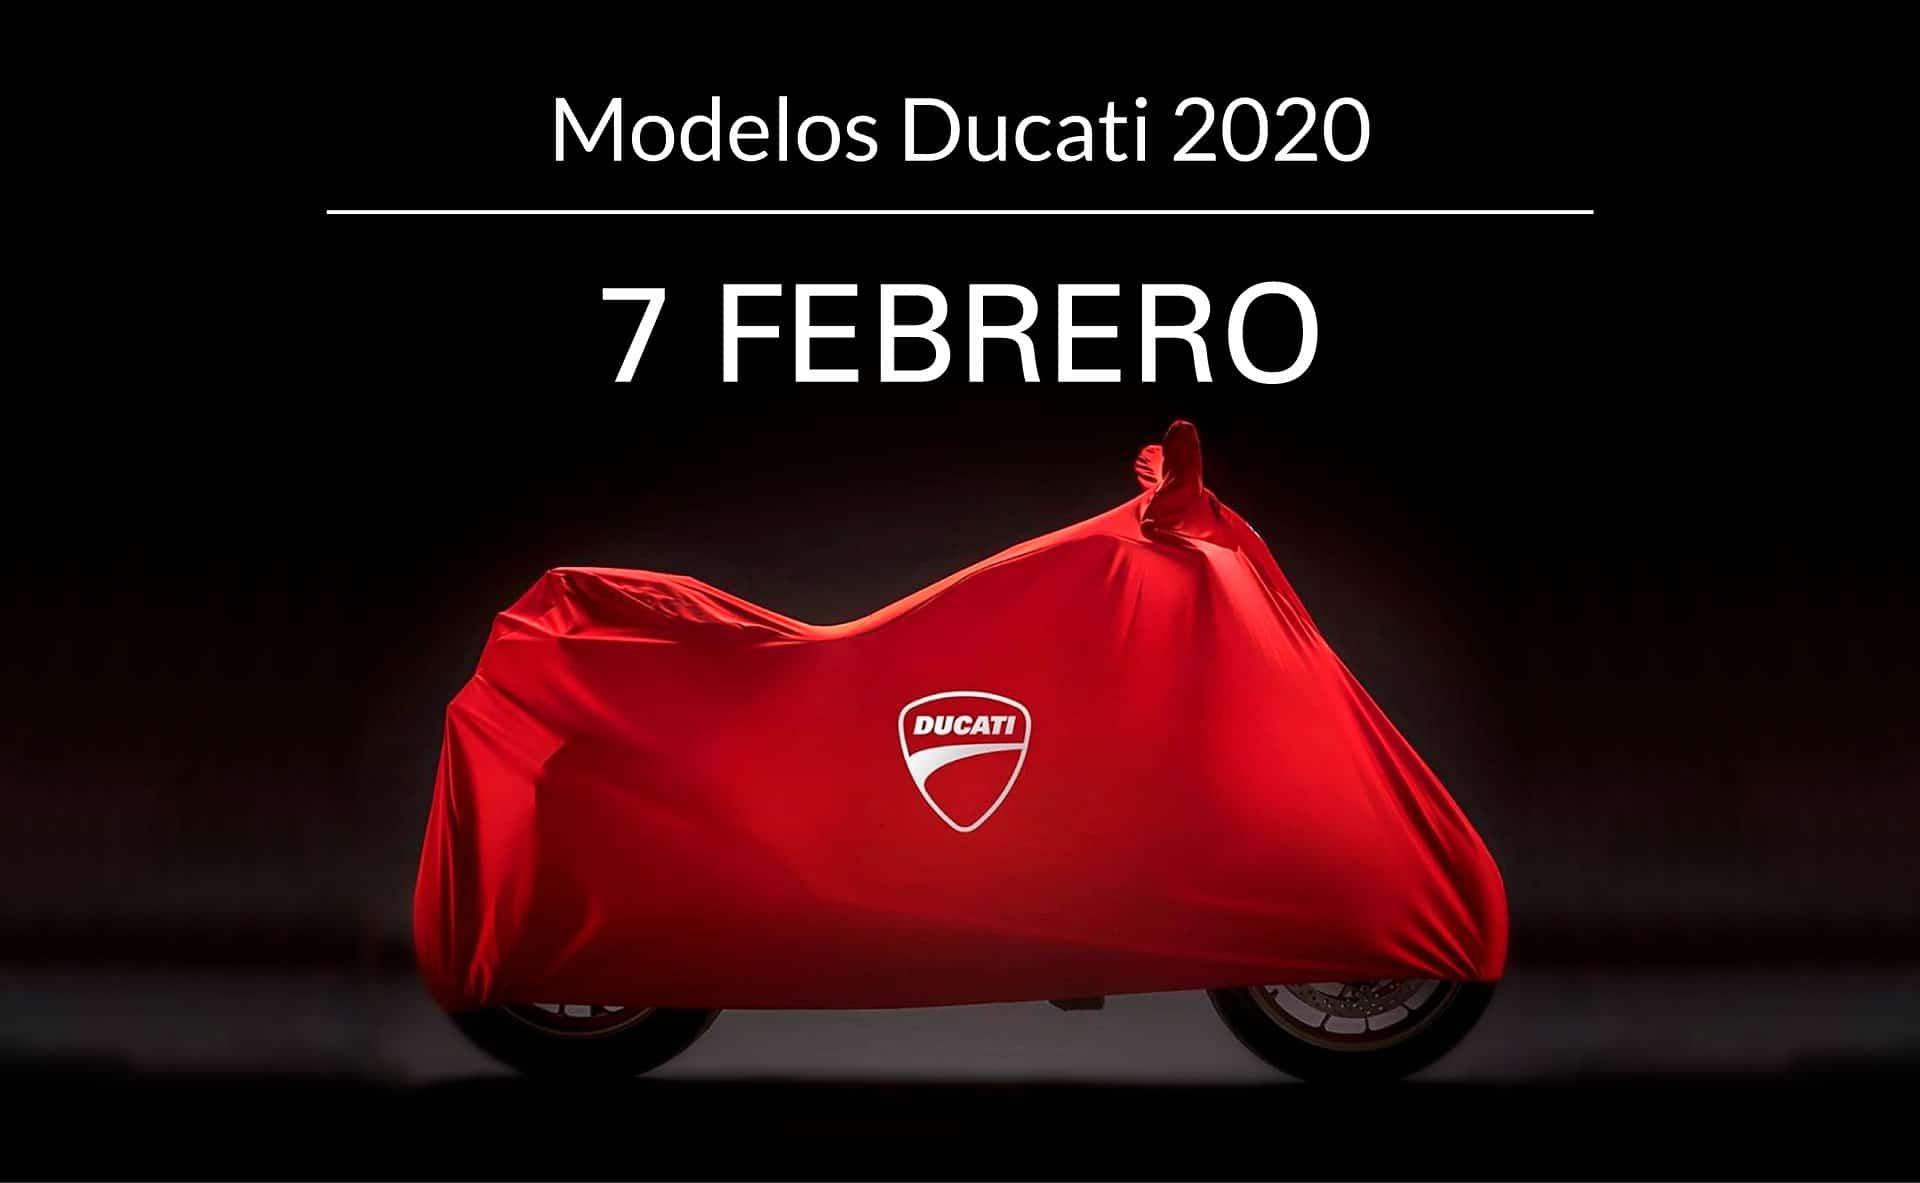 Presentación de modelos 2020 y sorteo en Ducati Madrid (image)